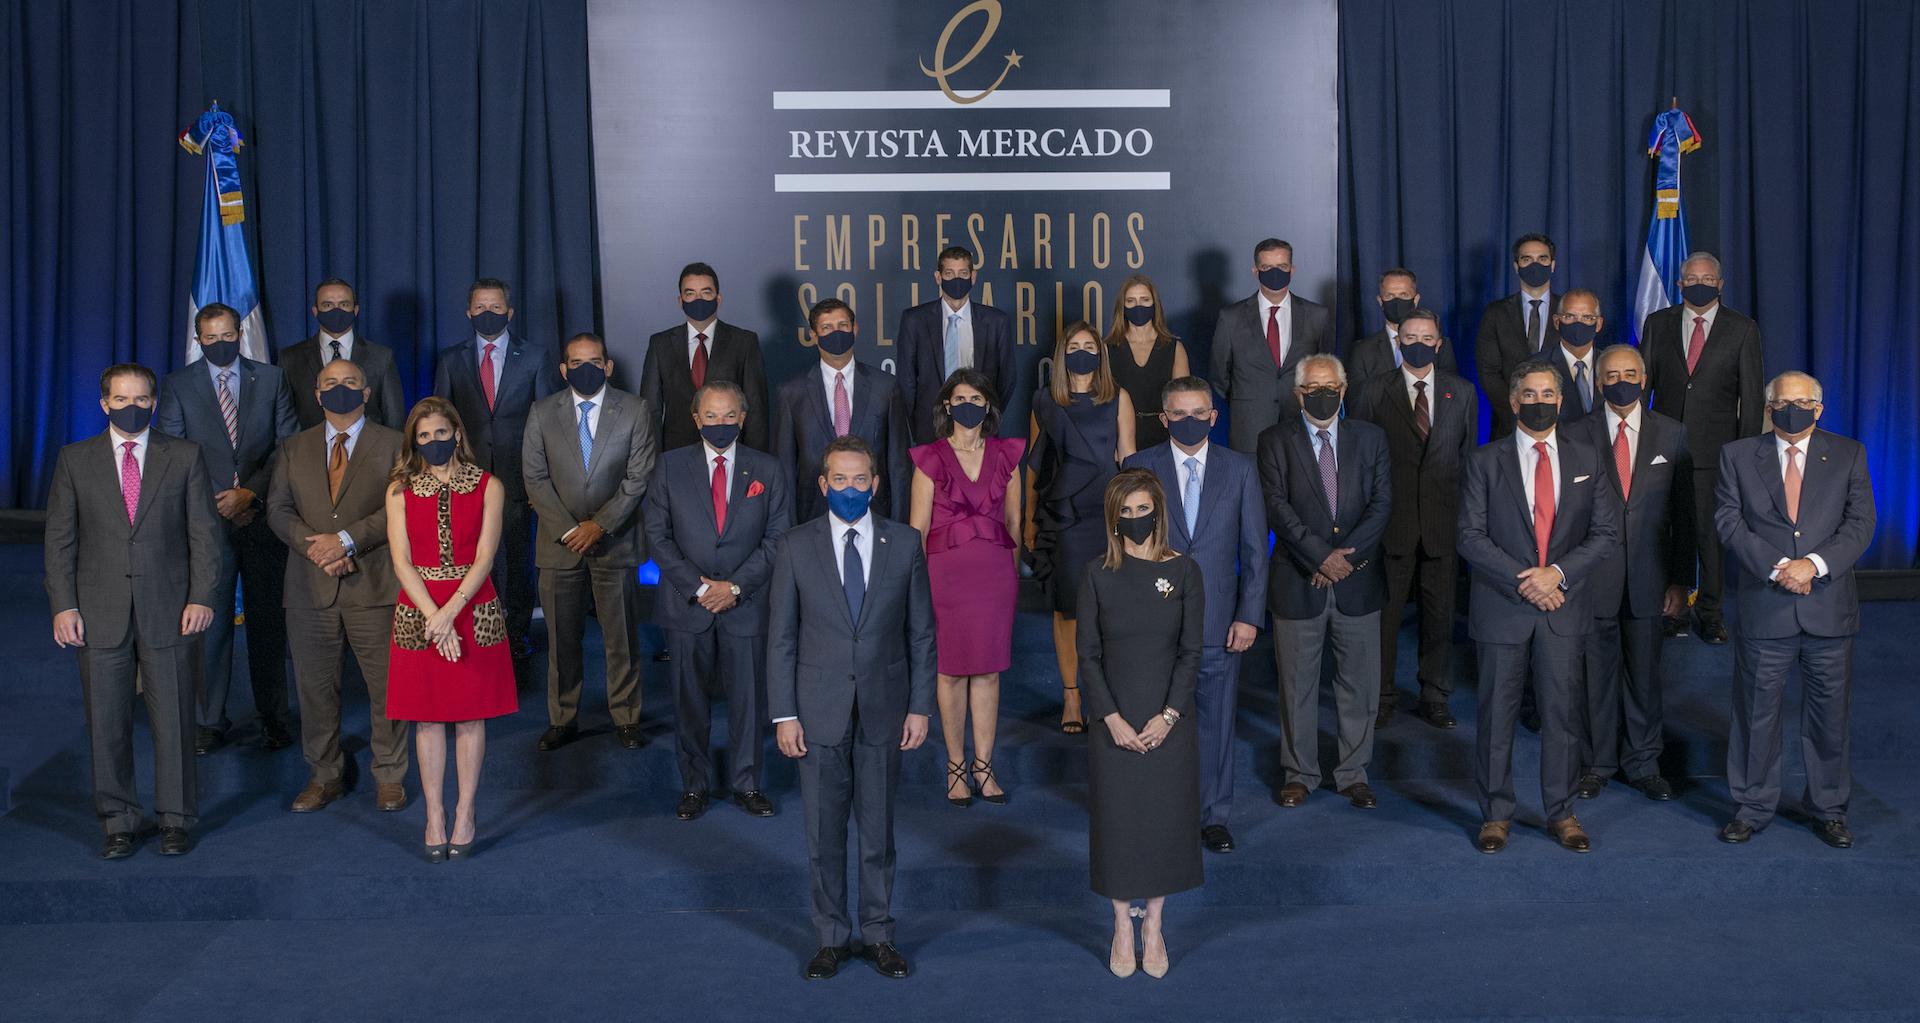 Revista Mercado reconoce a empresarios solidarios